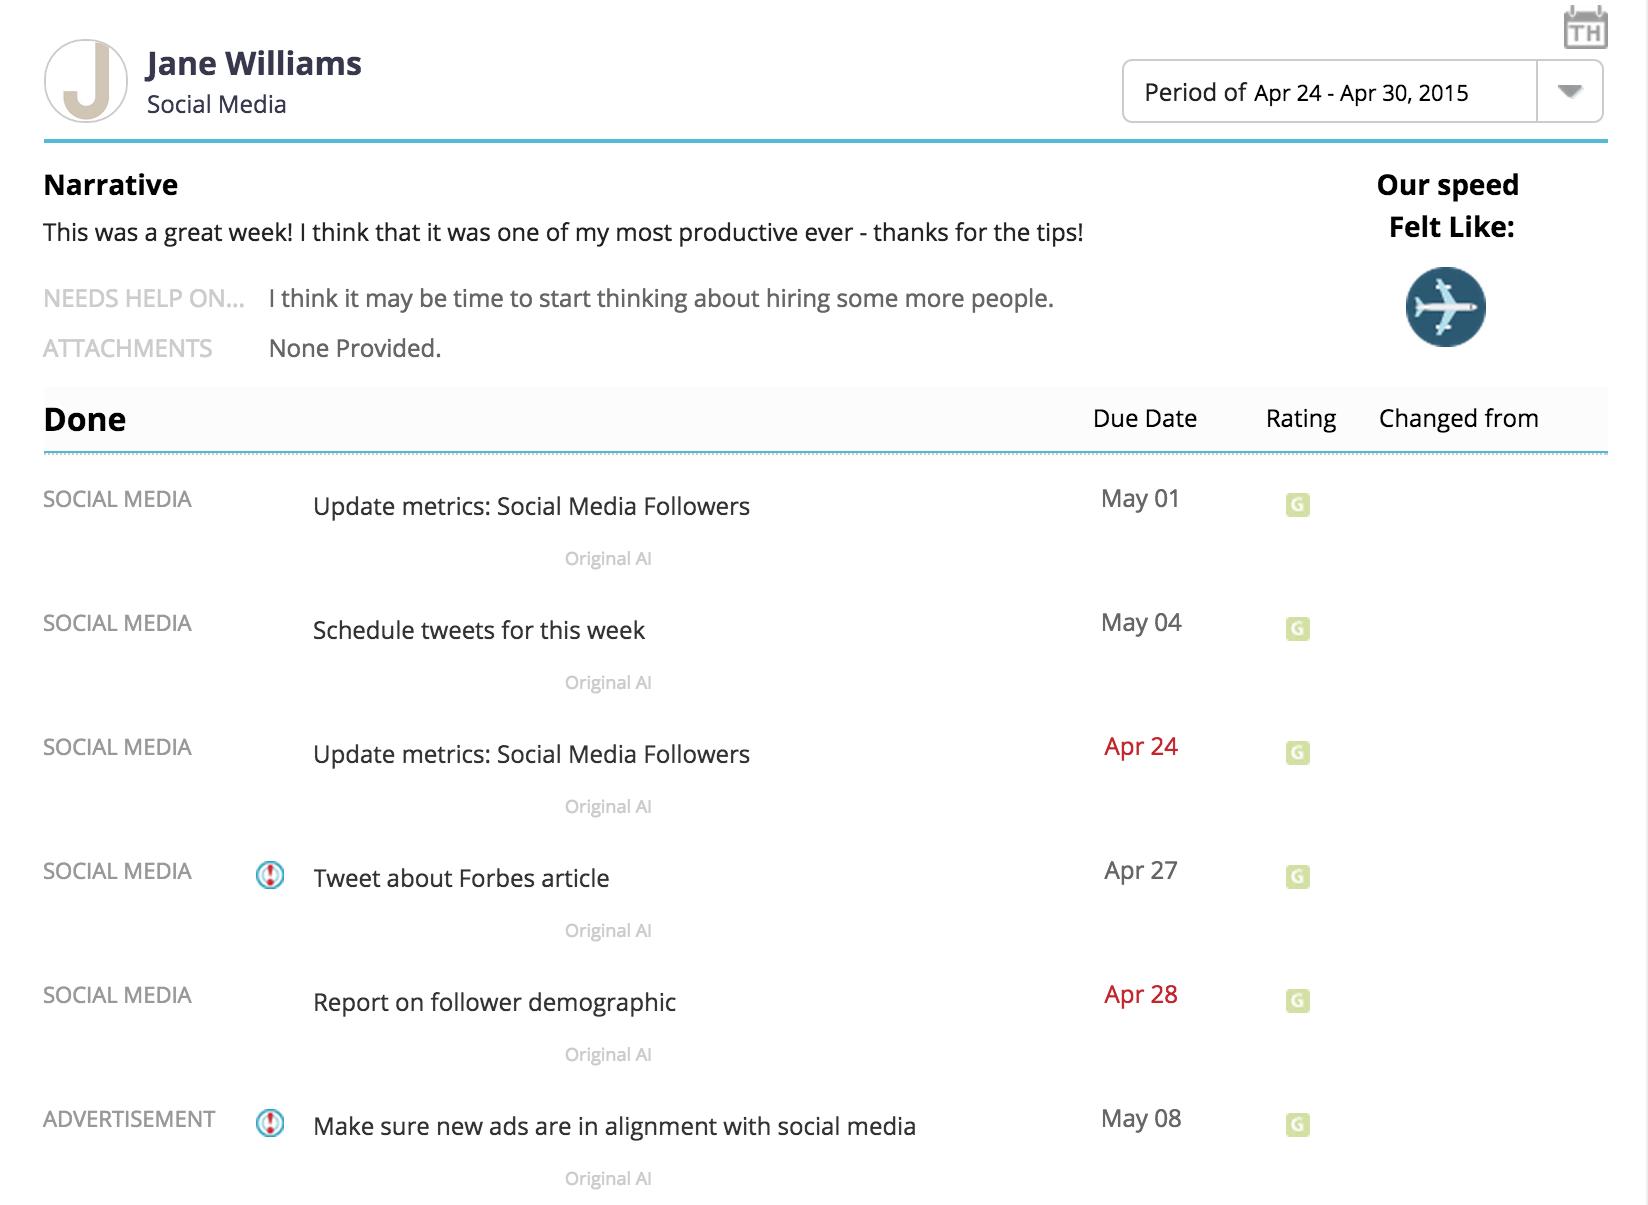 Screenshot: Employee Status Report